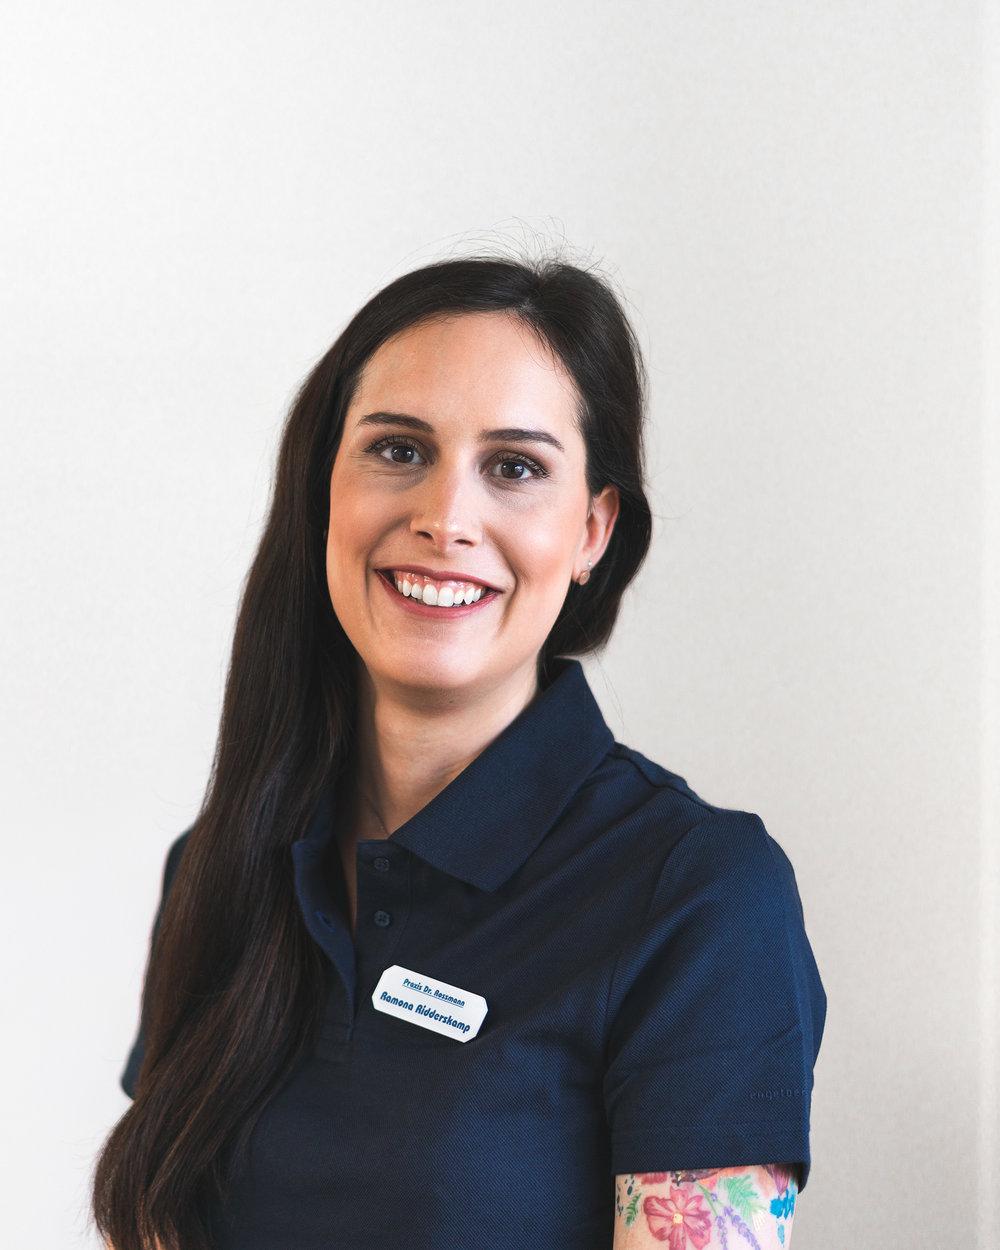 Ramona Ridderskamp   ZMP, geprüfte Zahnmedizinische Prophylaxe Assistentin